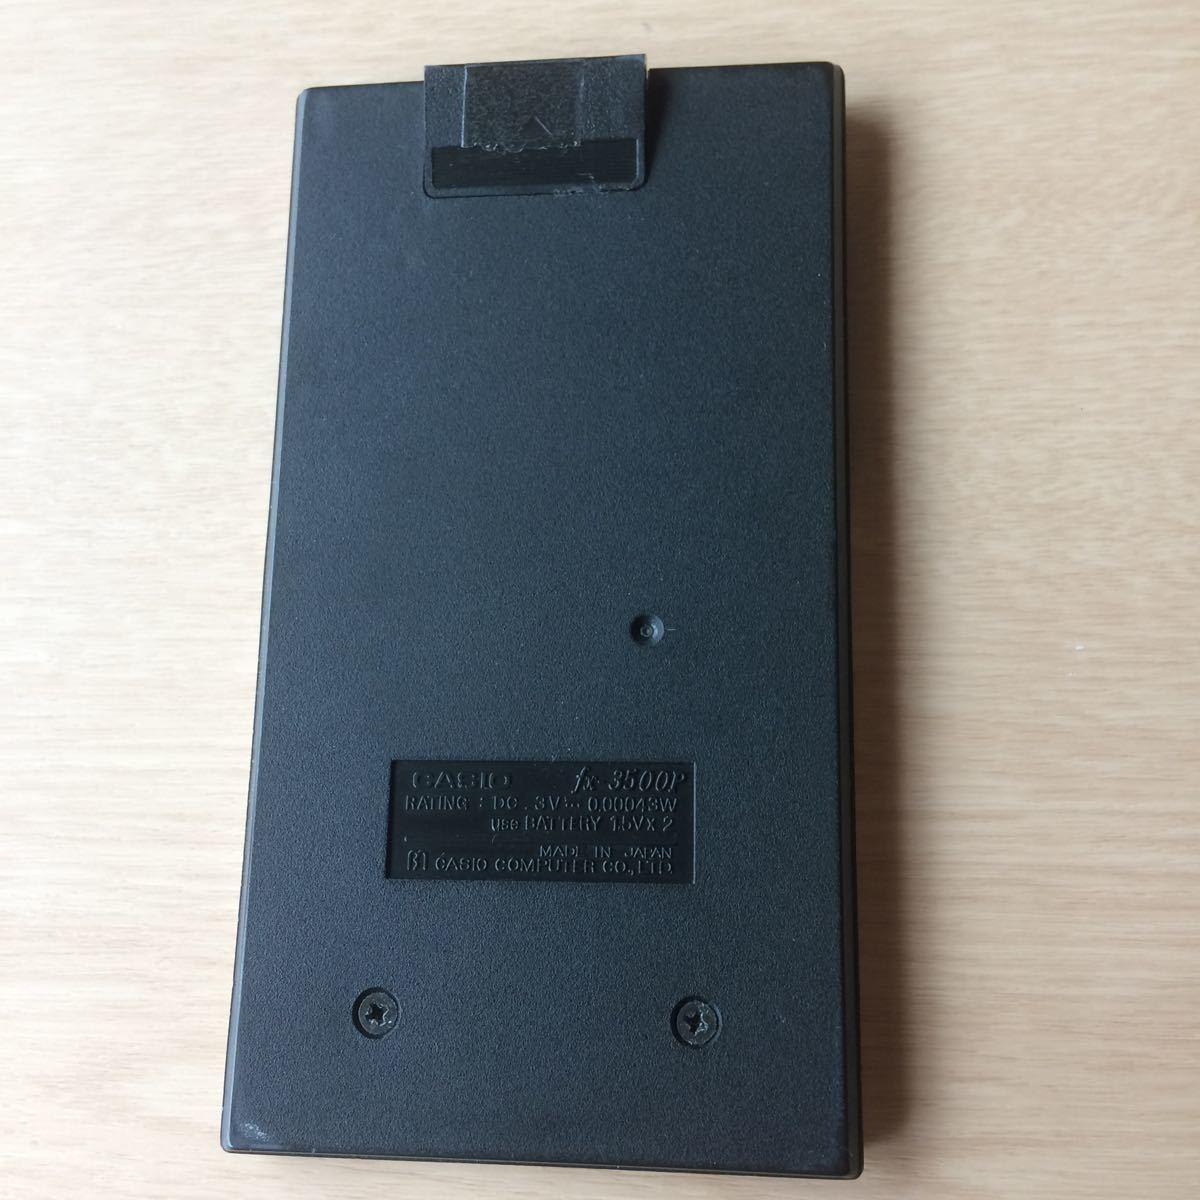 カシオの関数電卓 fx-3500P ボタン電池付き 稼働品です。 中古品です。10桁表示です。